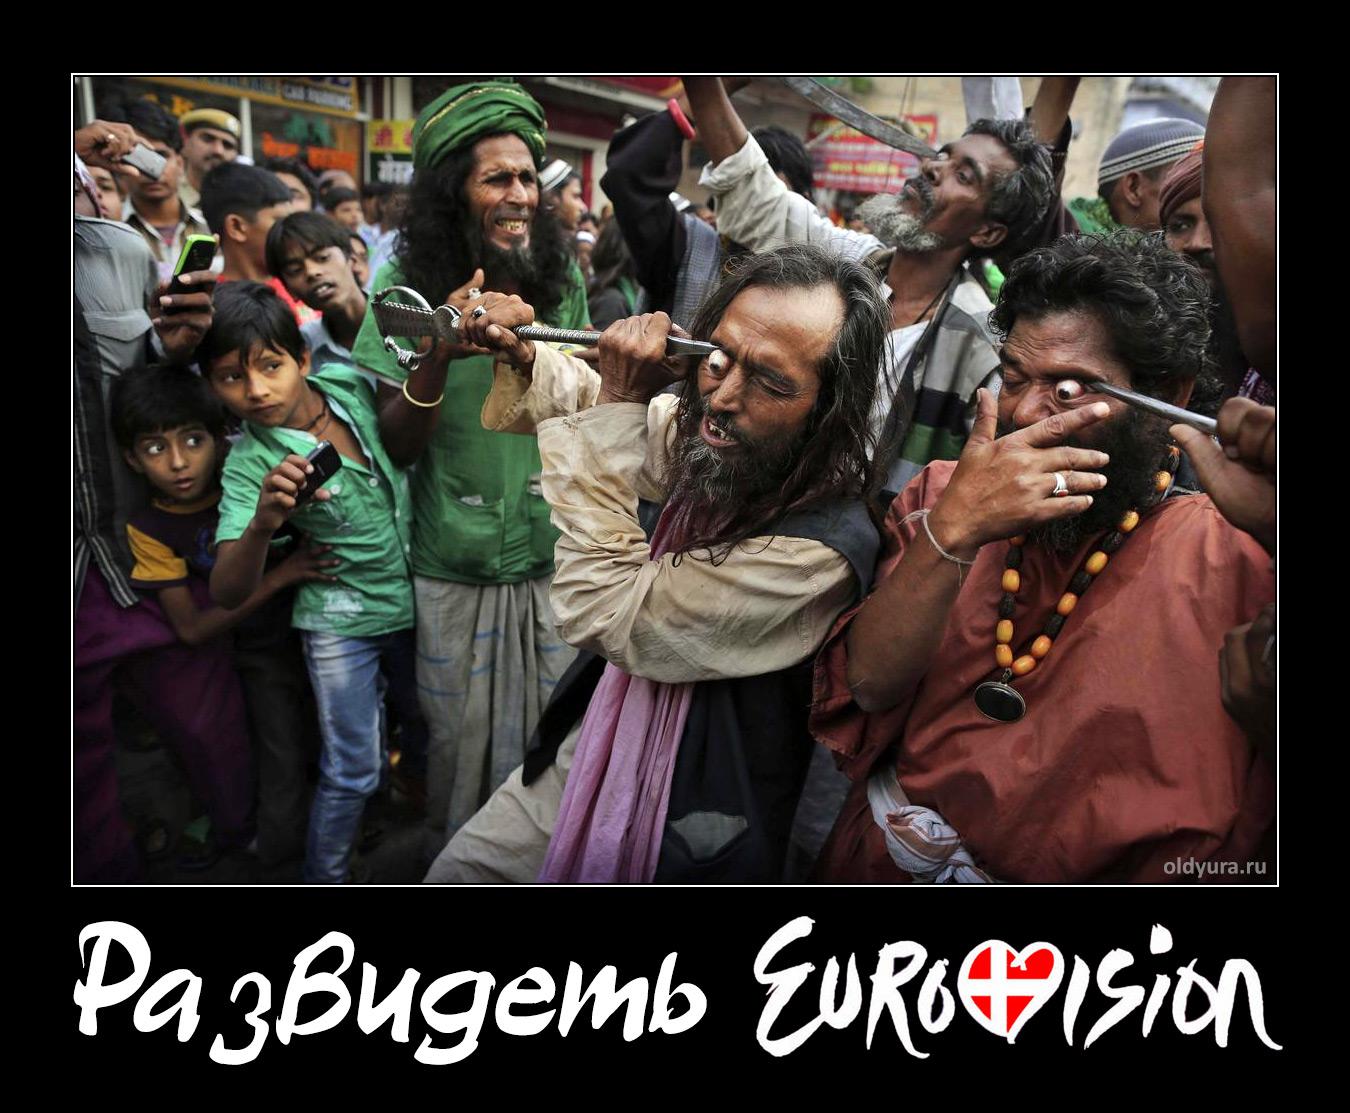 Развидеть Евровидение 2014